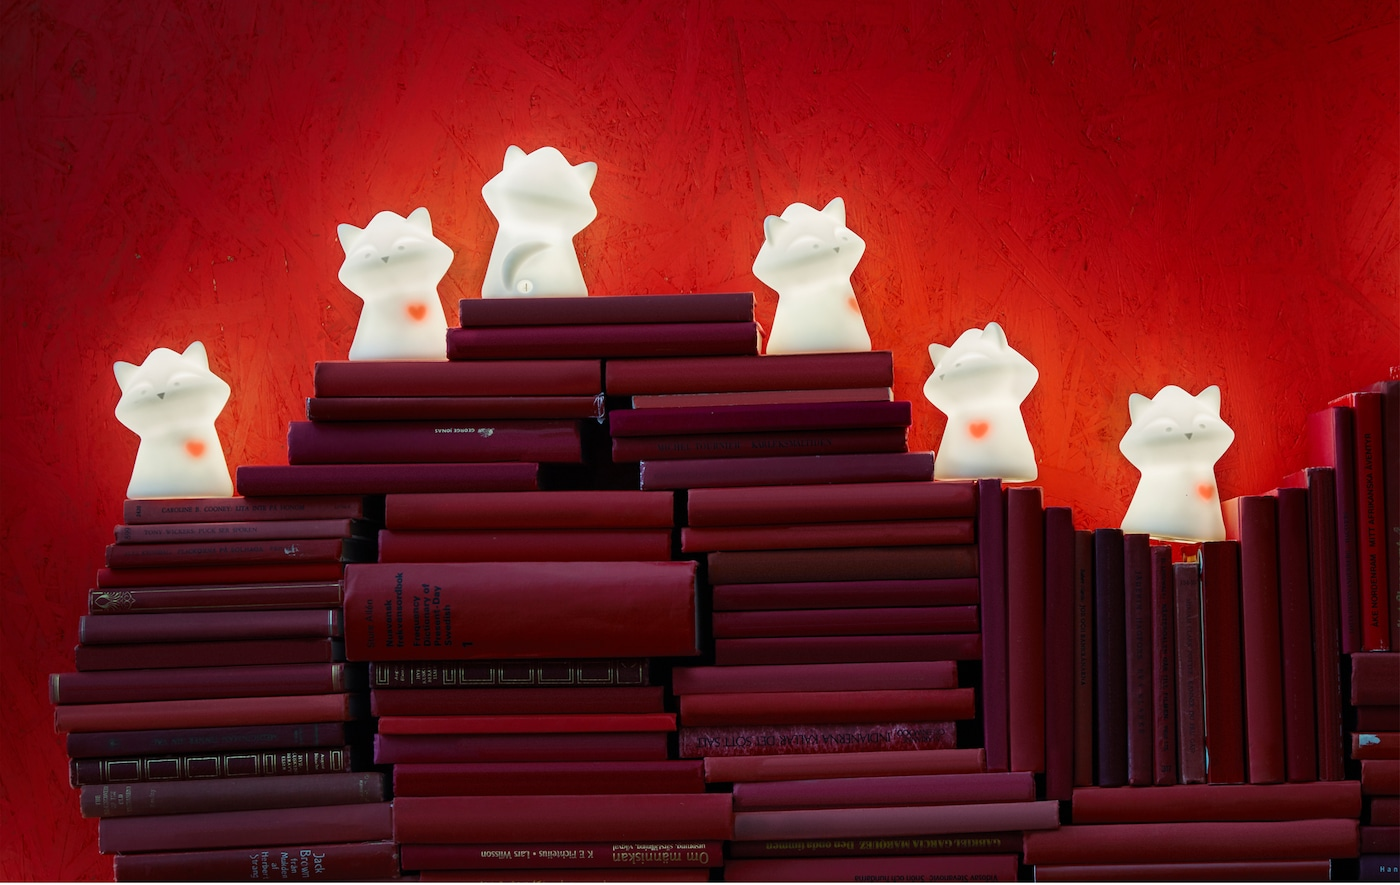 Uma luz de presença como o guaxinim LURIGA da IKEA afasta monstros e irradia segurança. Também tem um coração vermelho que pulsa, o que é uma forma doce de mostrar o seu amor por alguém. Pode empilhar vários livros vermelhos em forma de coração e colocar muitos LURIGA em cima.